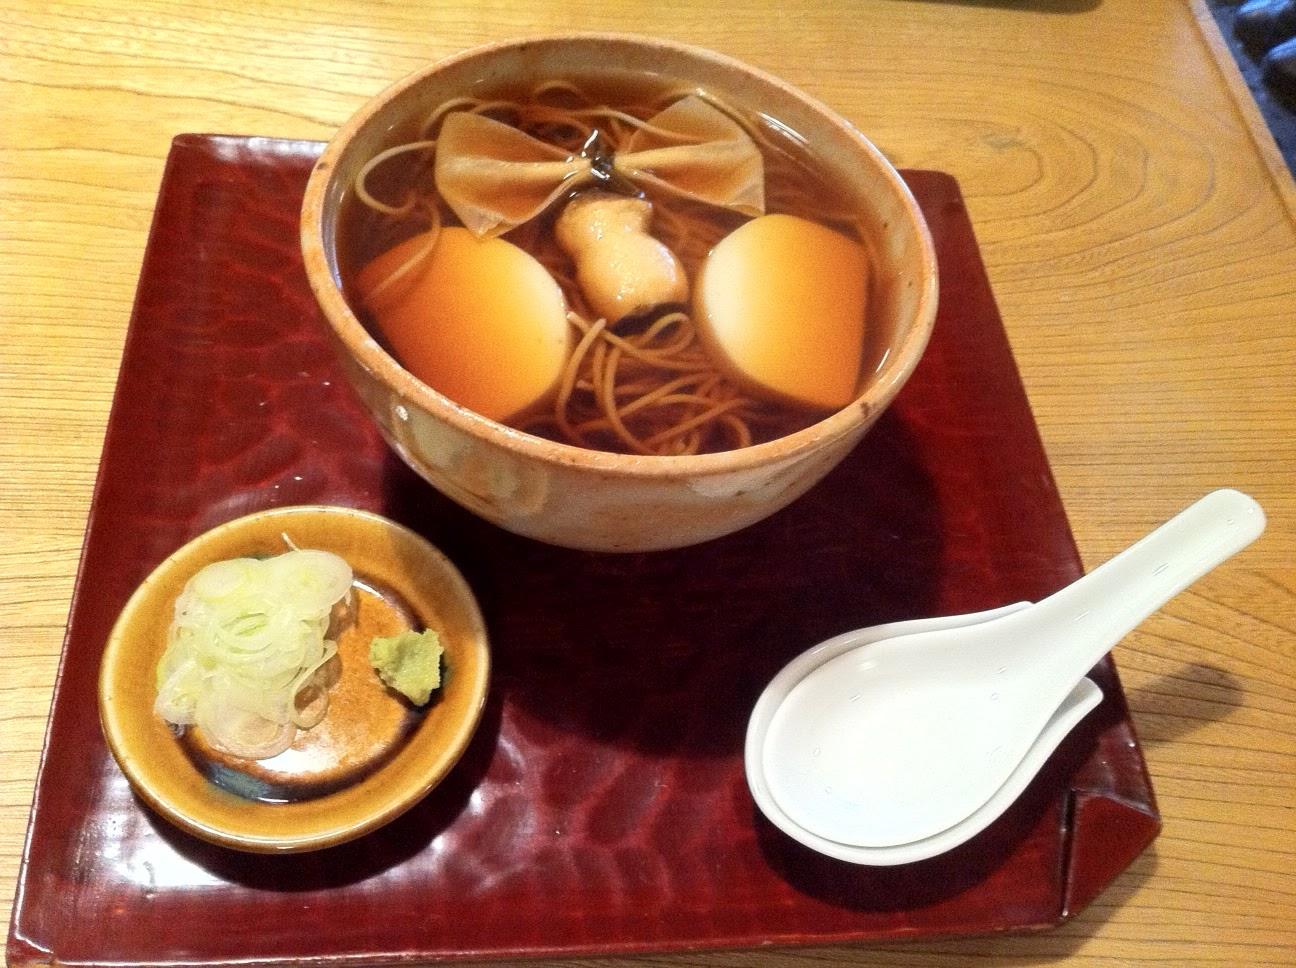 Soba dish in Namiki Yabu Soba restaurant, Asakusa, Tokyo.